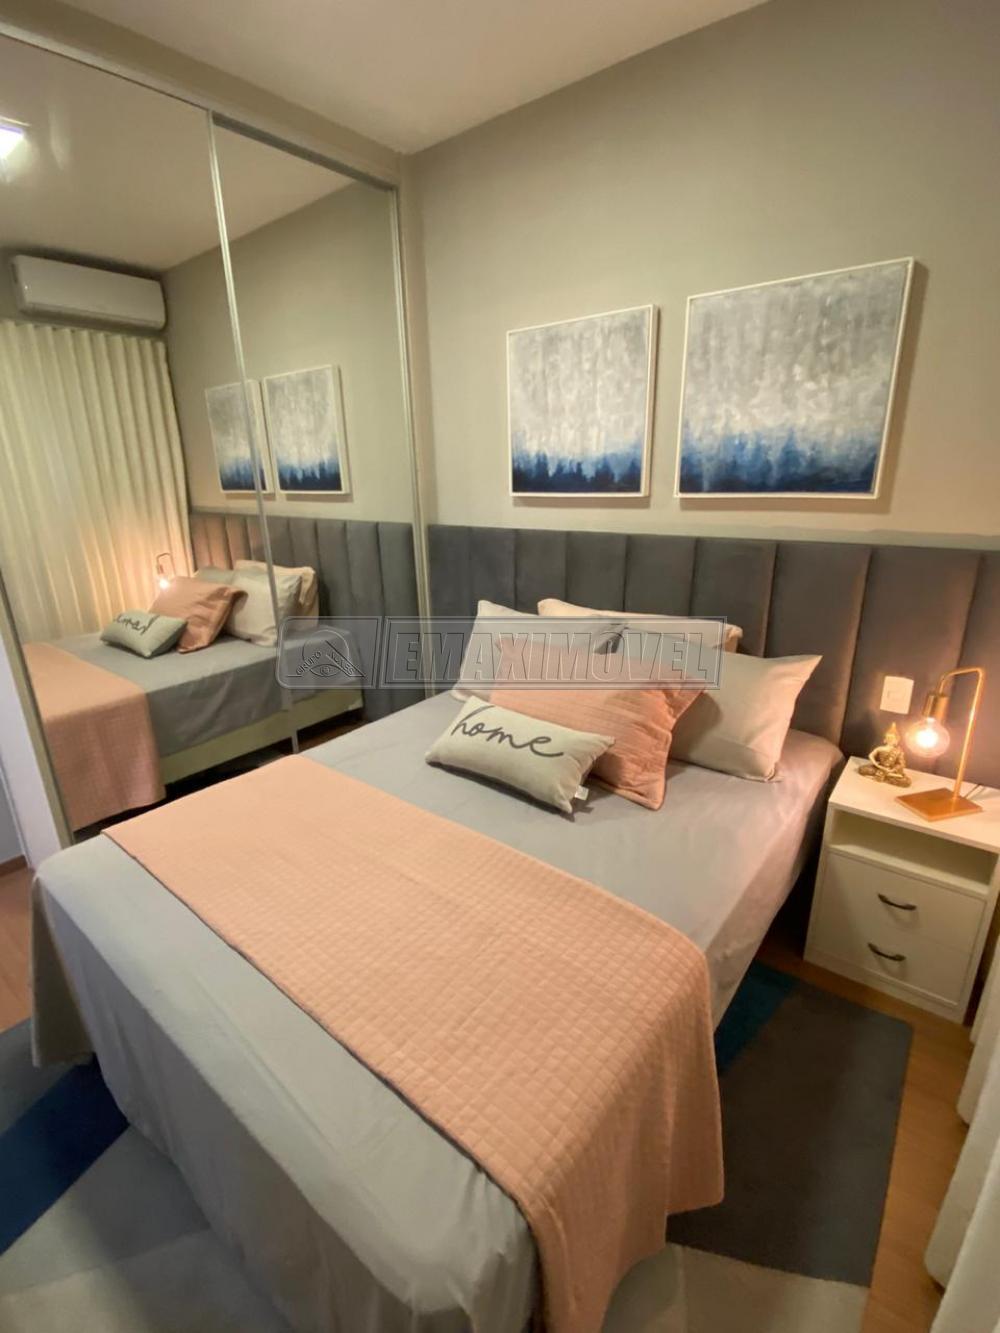 Comprar Apartamentos / Apto Padrão em Sorocaba R$ 159.000,00 - Foto 9